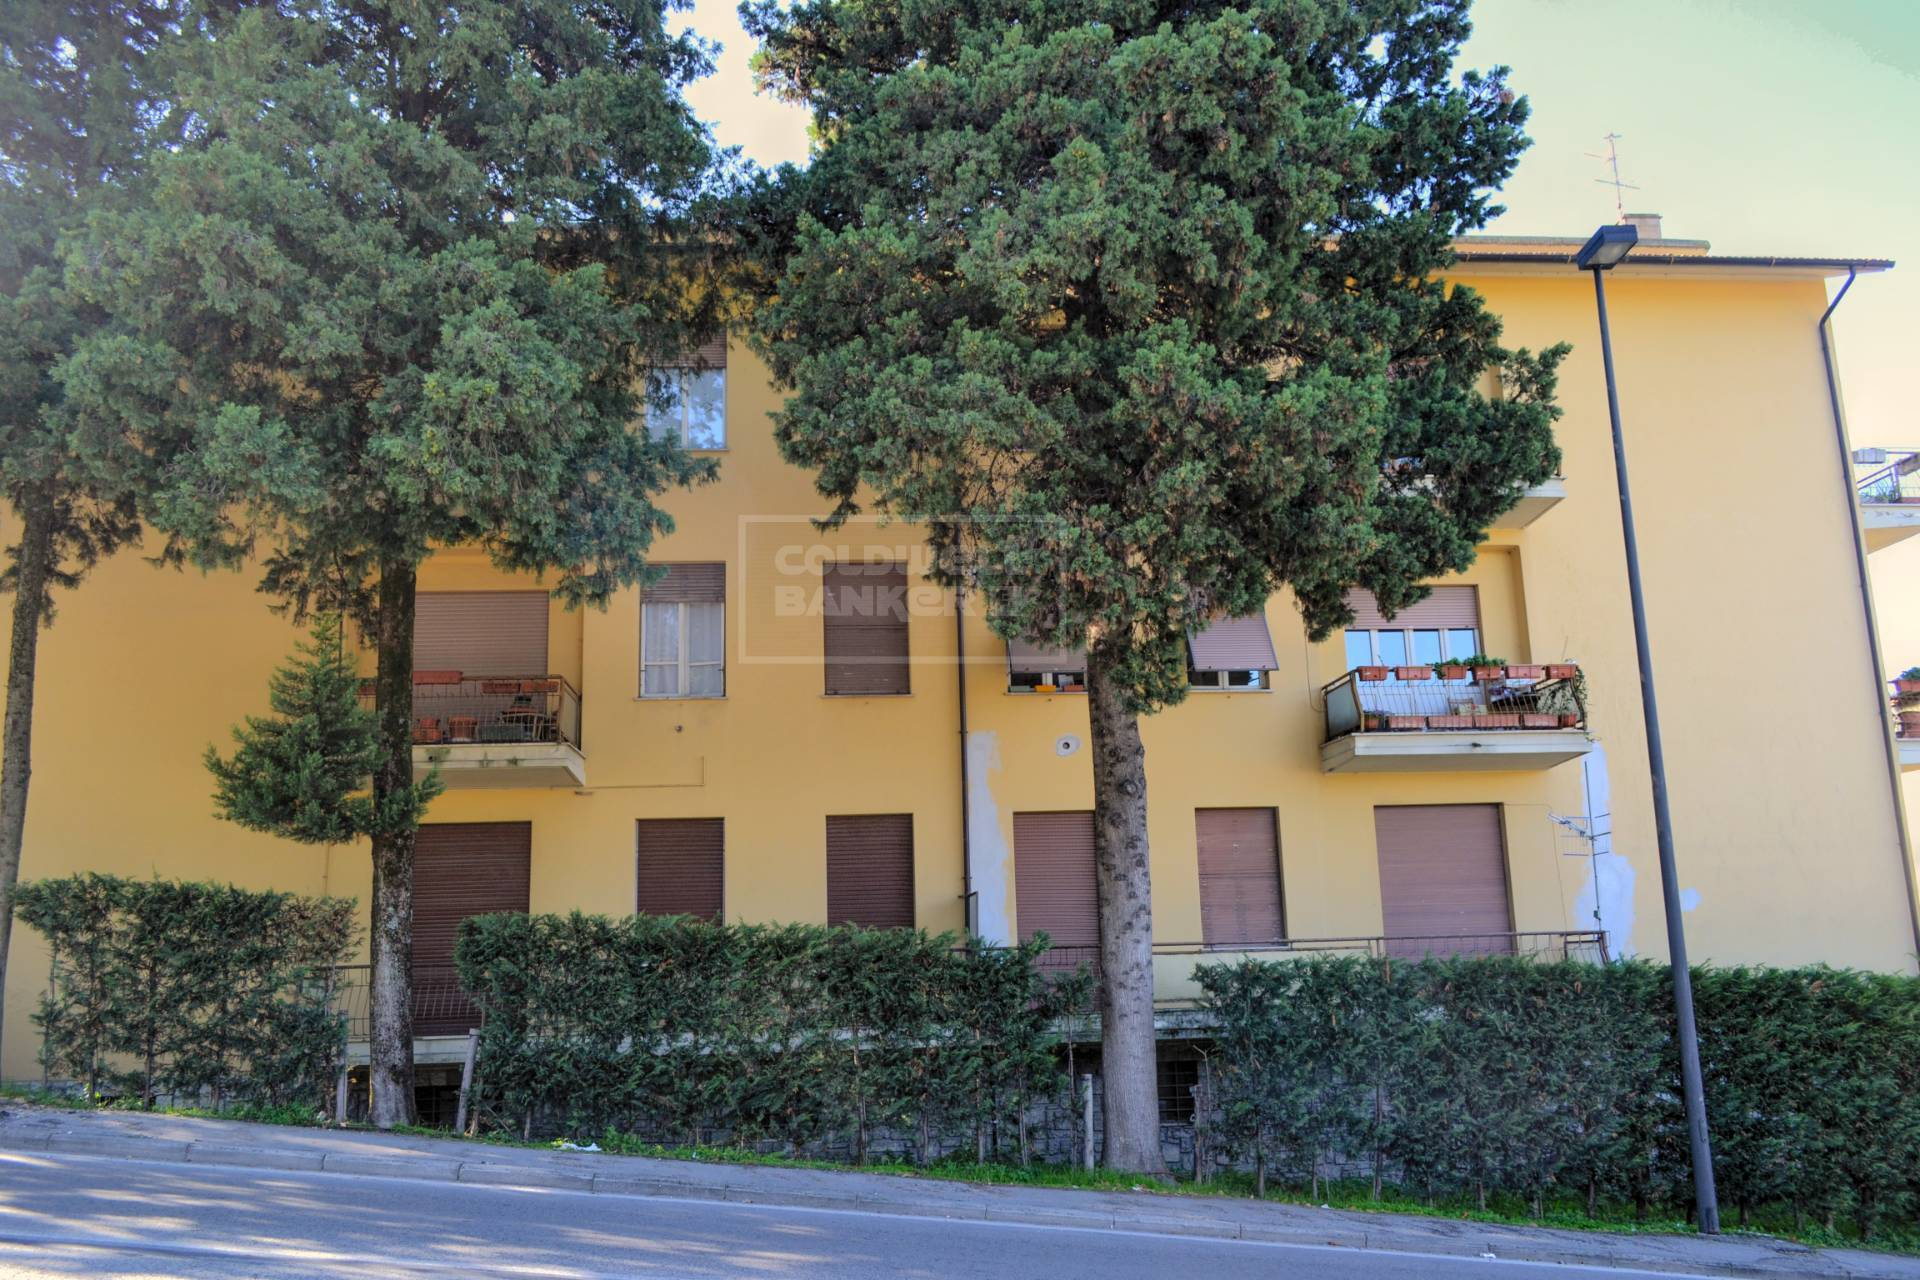 Appartamento in vendita a Spoleto, 6 locali, zona Località: Spoleto-Centro, prezzo € 120.000 | PortaleAgenzieImmobiliari.it